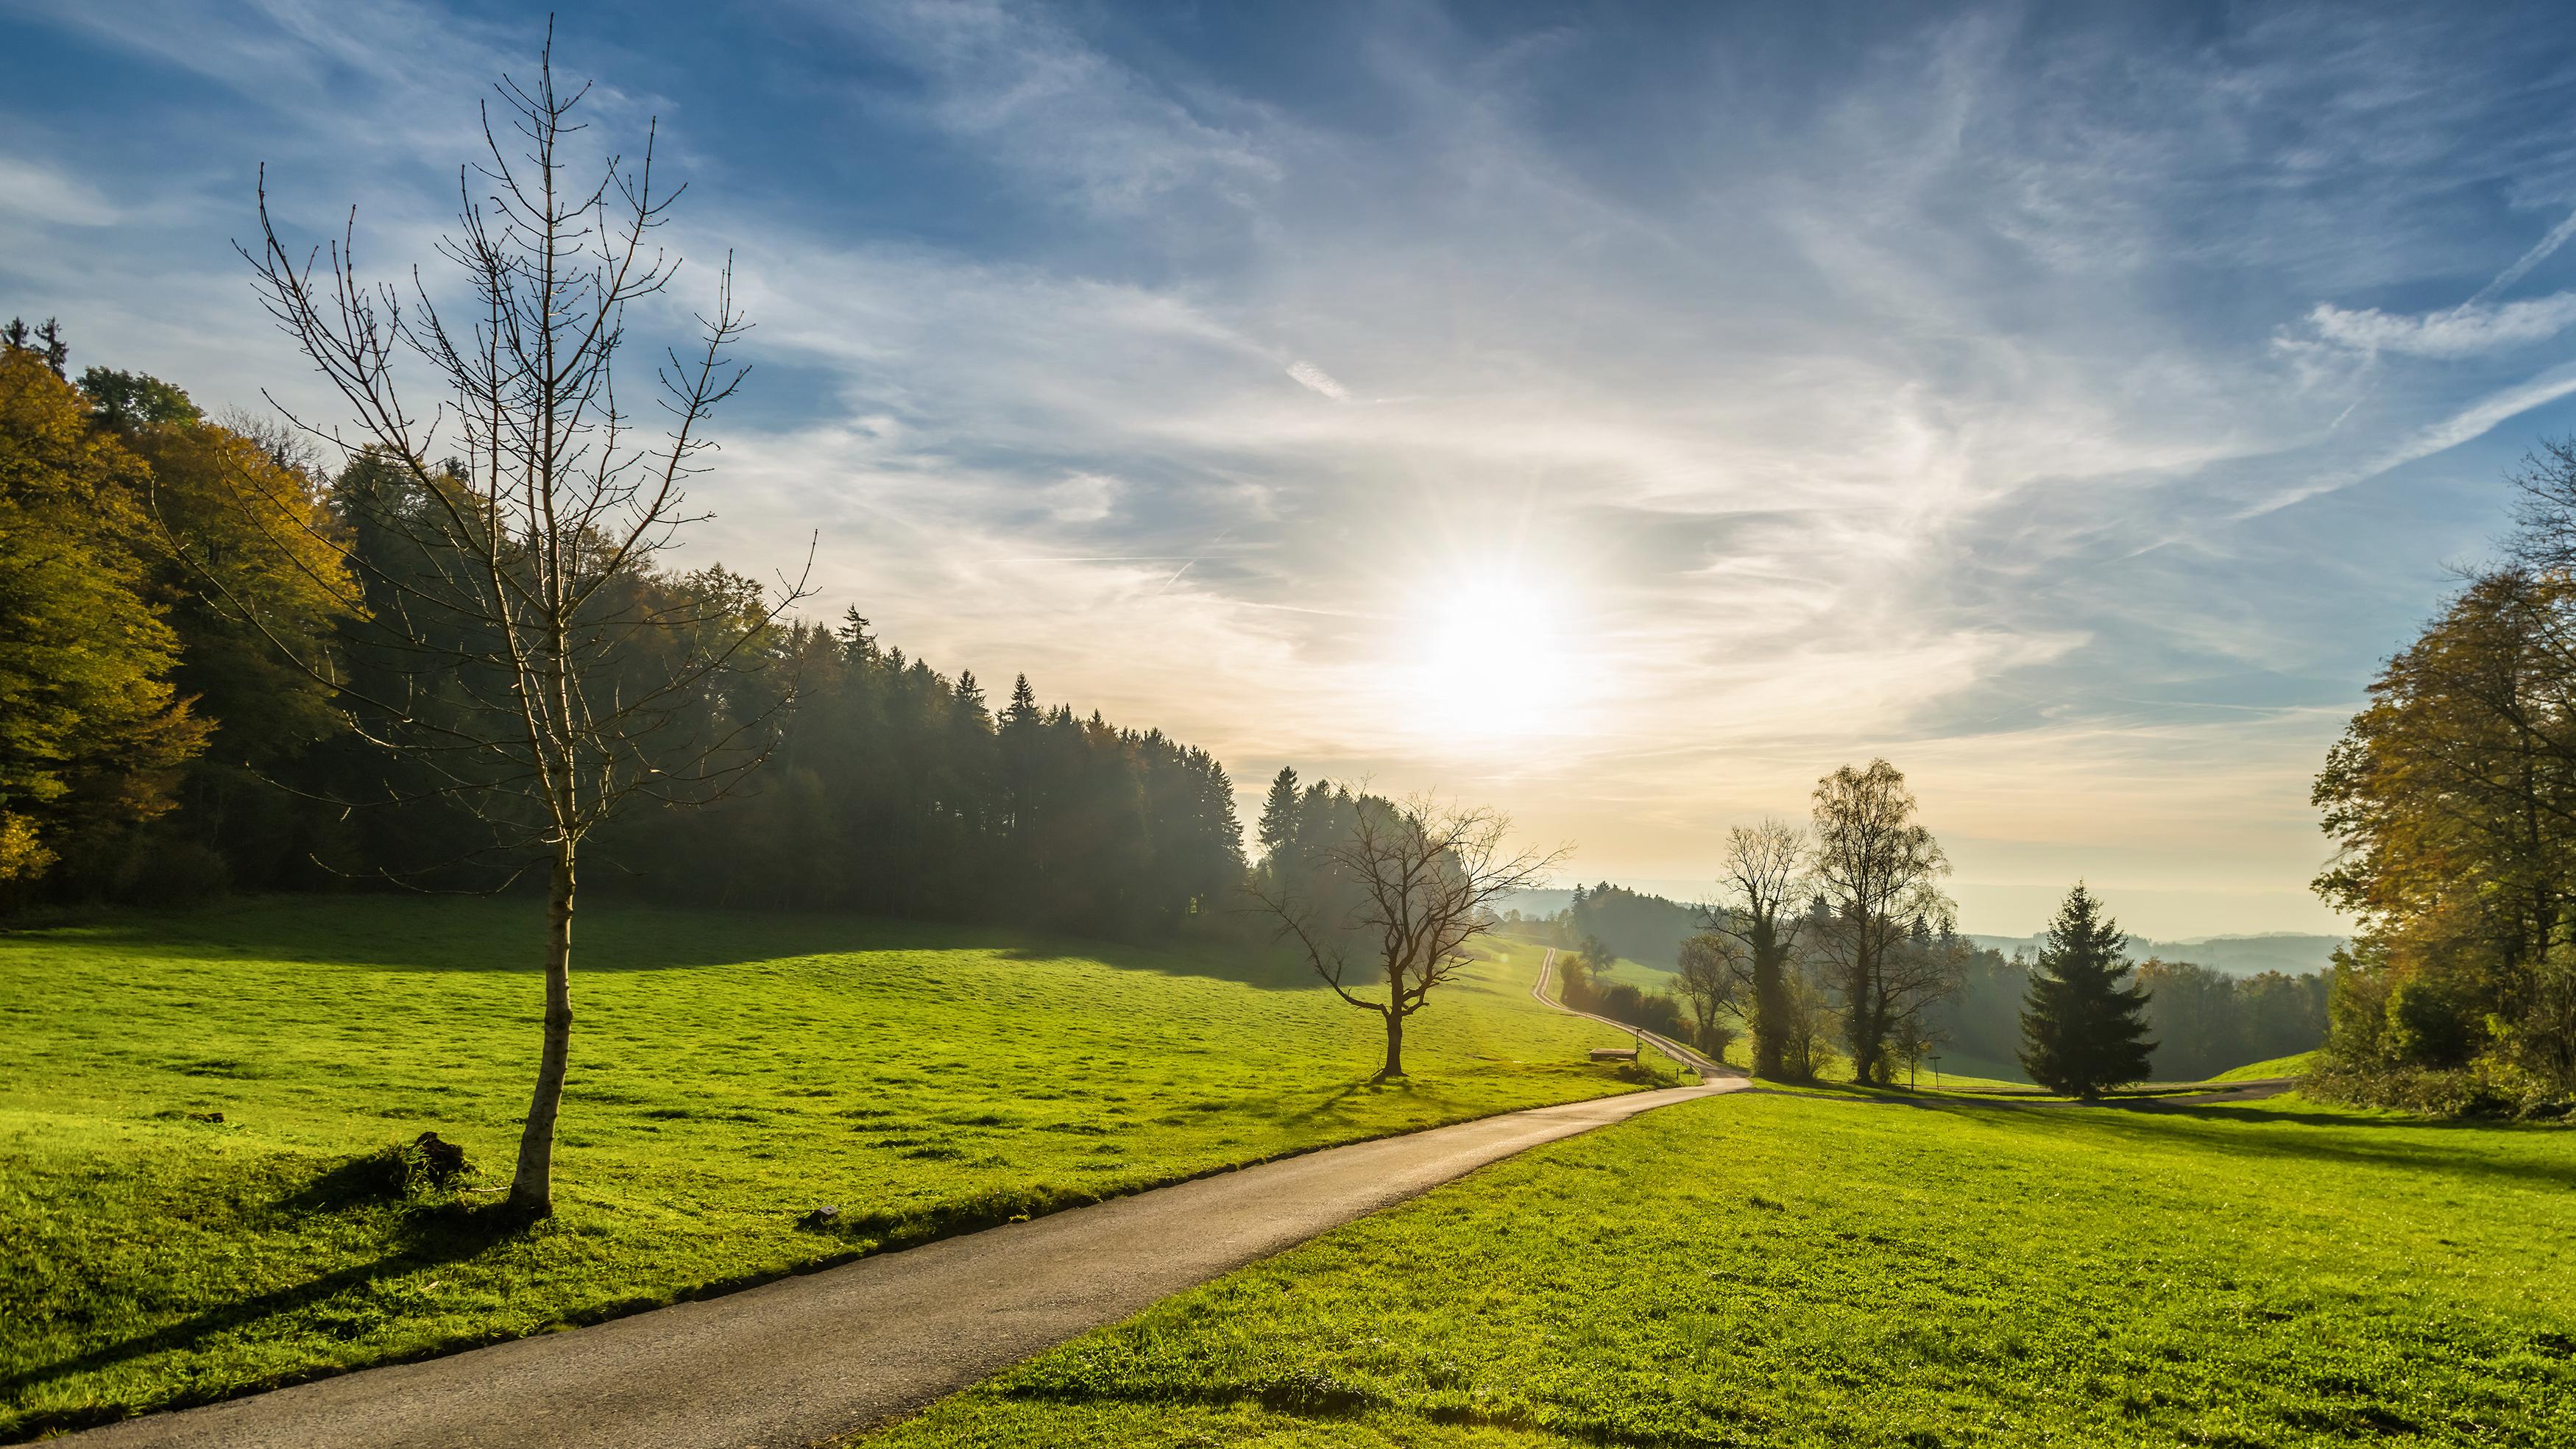 дорога, солнце, трава, деревья  № 3117713  скачать